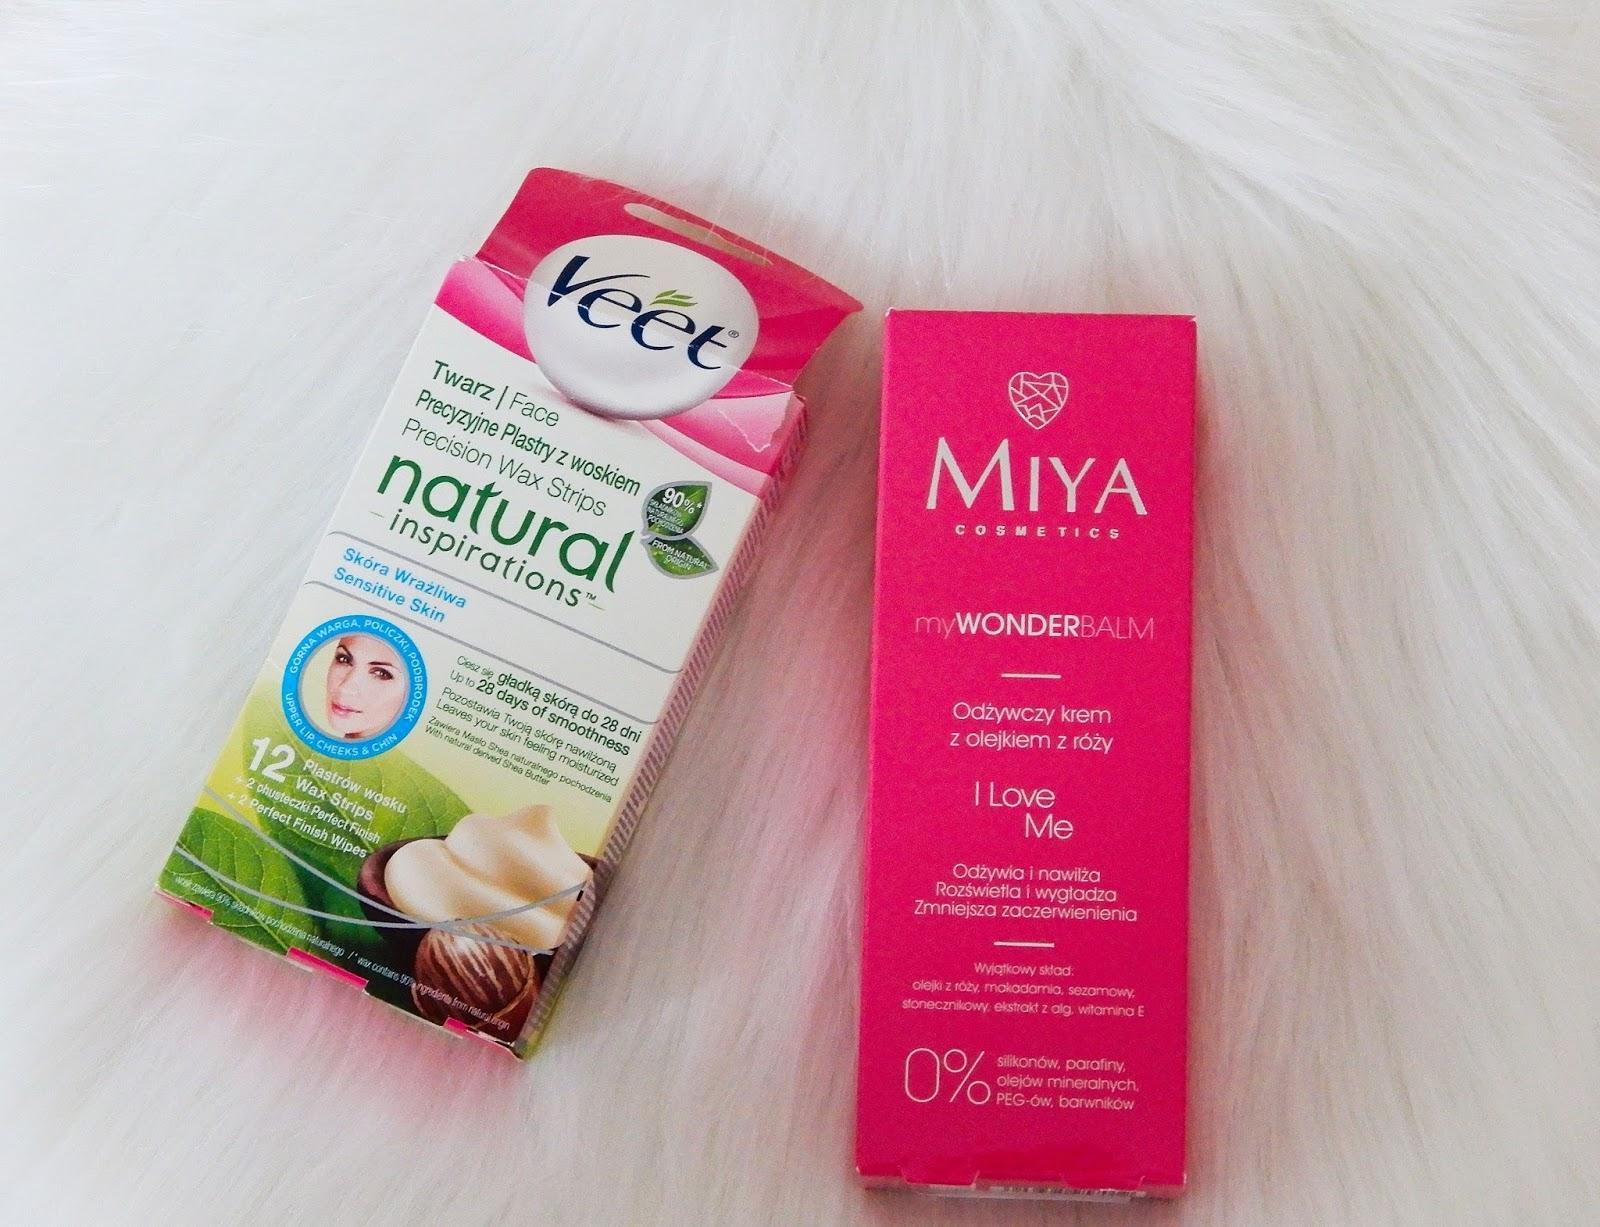 odżywczy krem do twarzy z olejkiem z róży myWONDERBALM I Love Me Miya cosmetics, Veet natural inspirations,